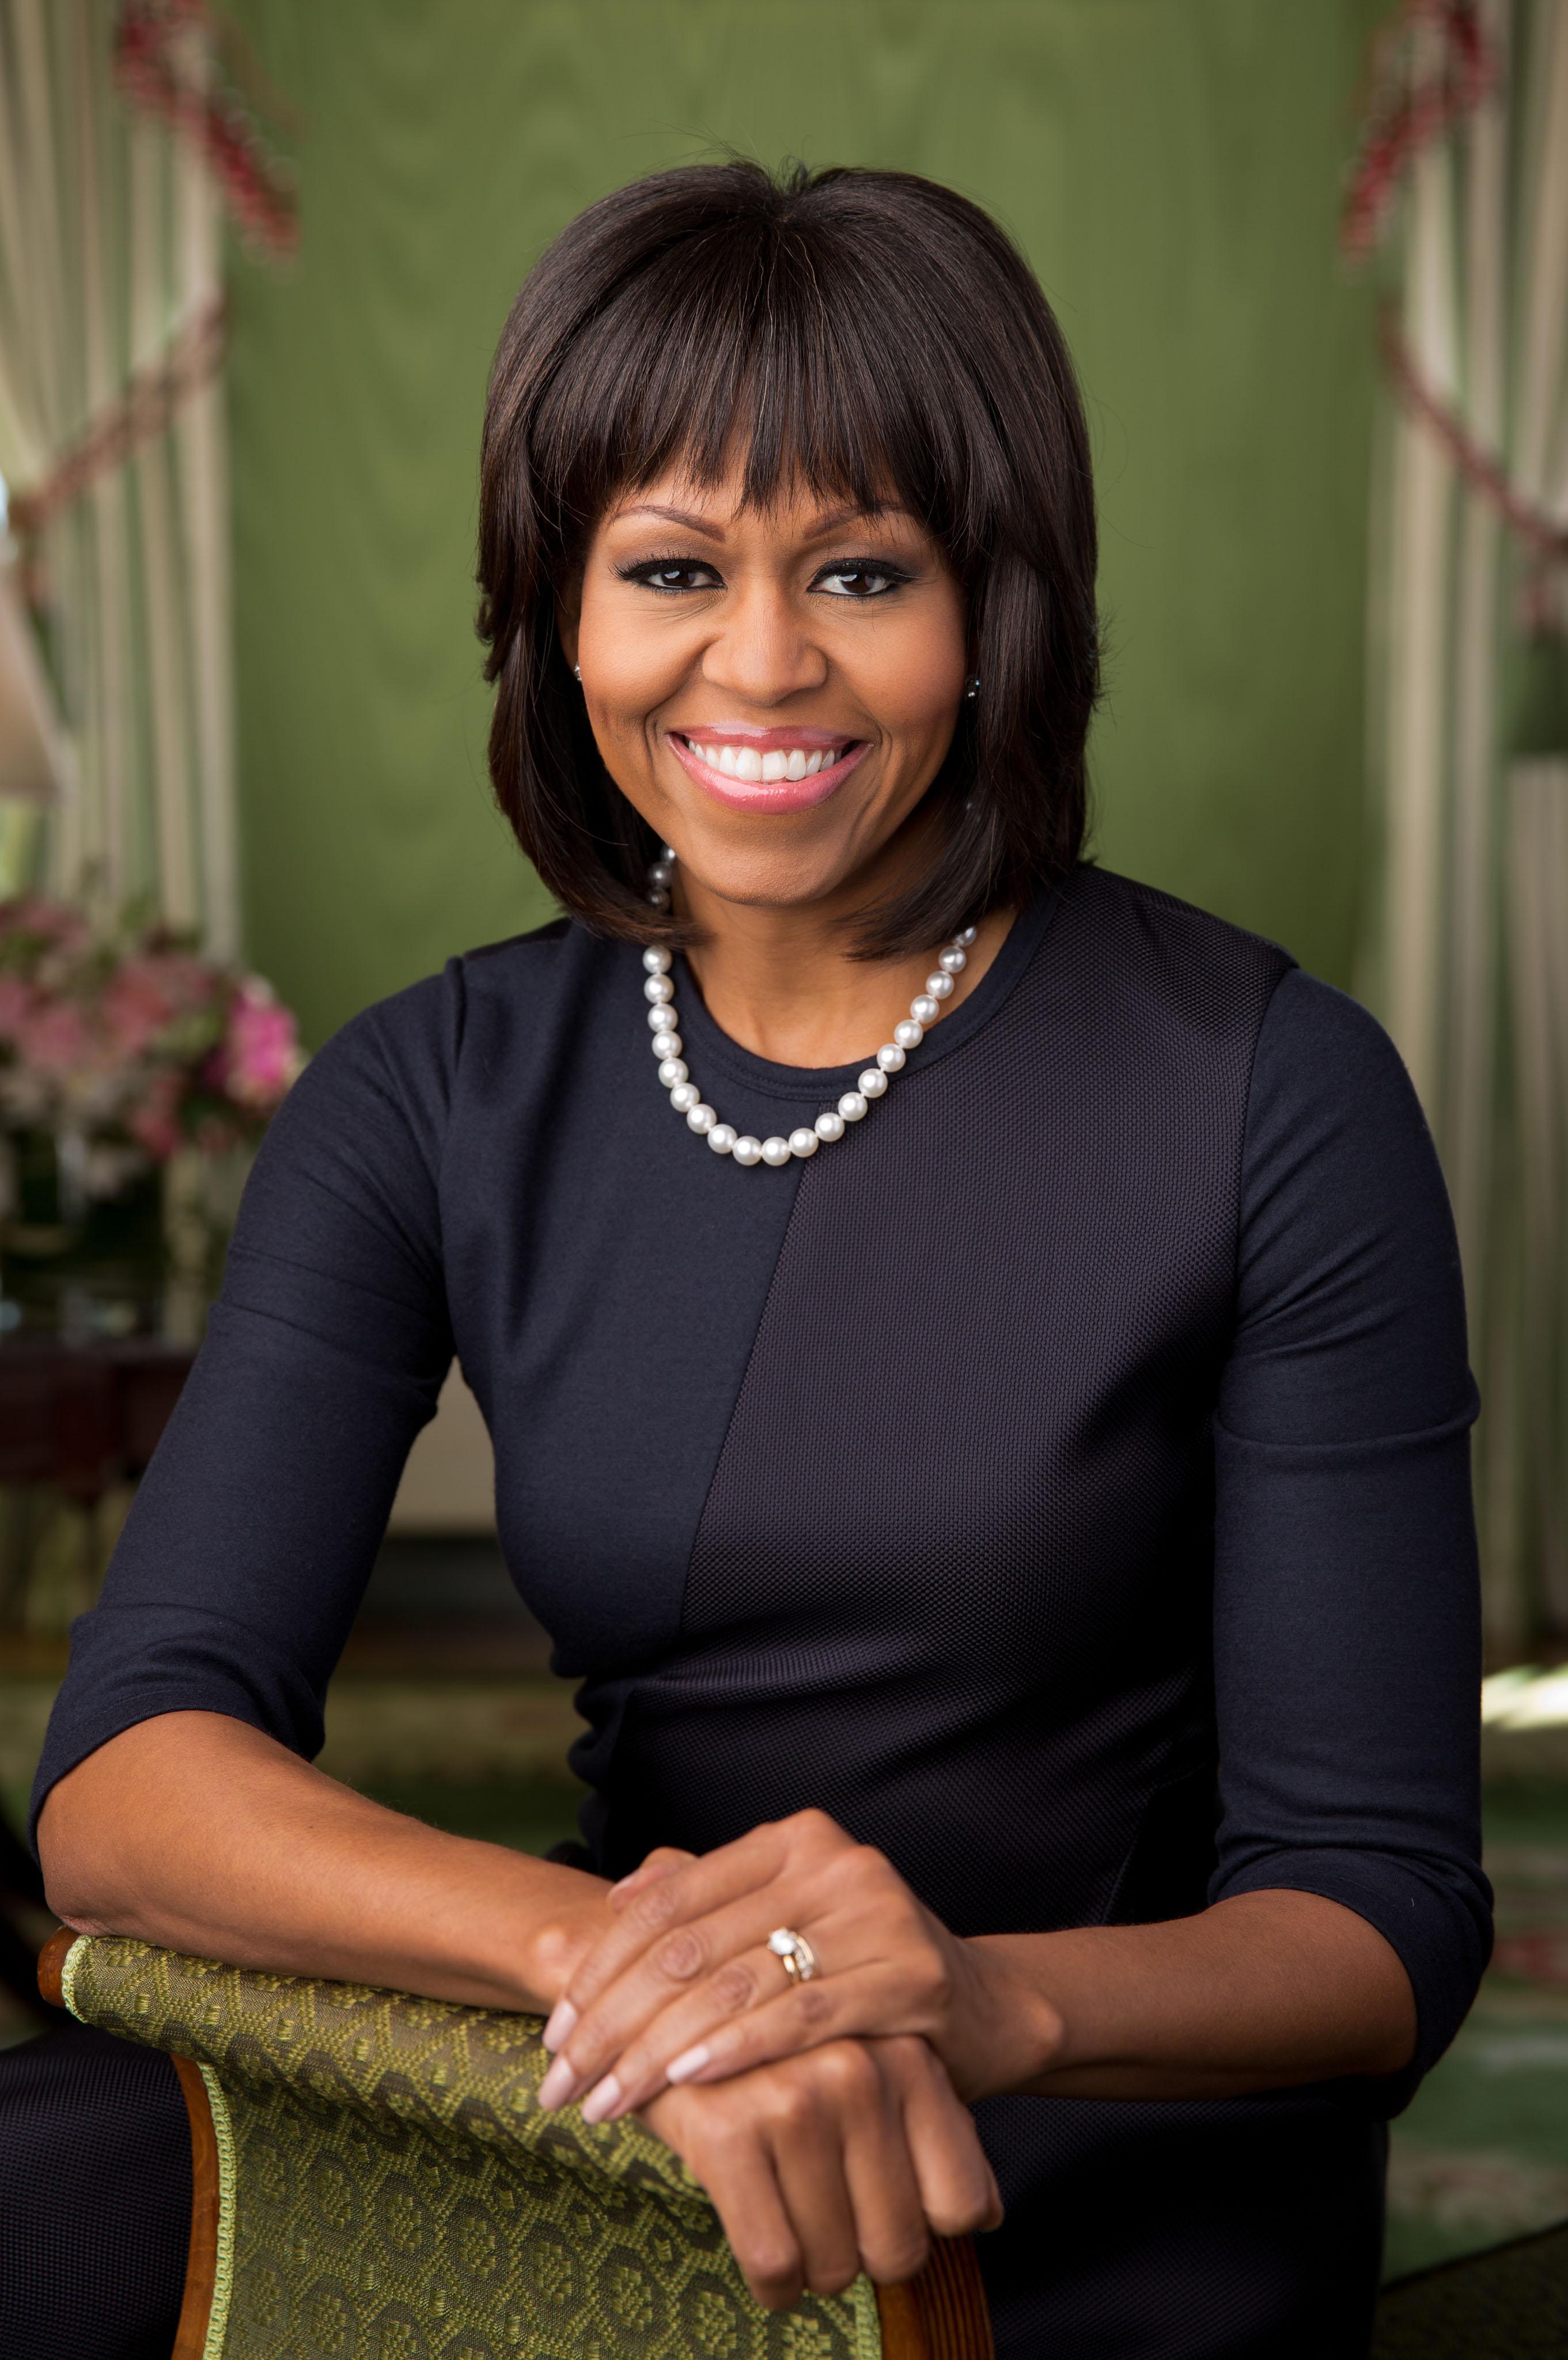 Първата дама на САЩ Мишел Обама